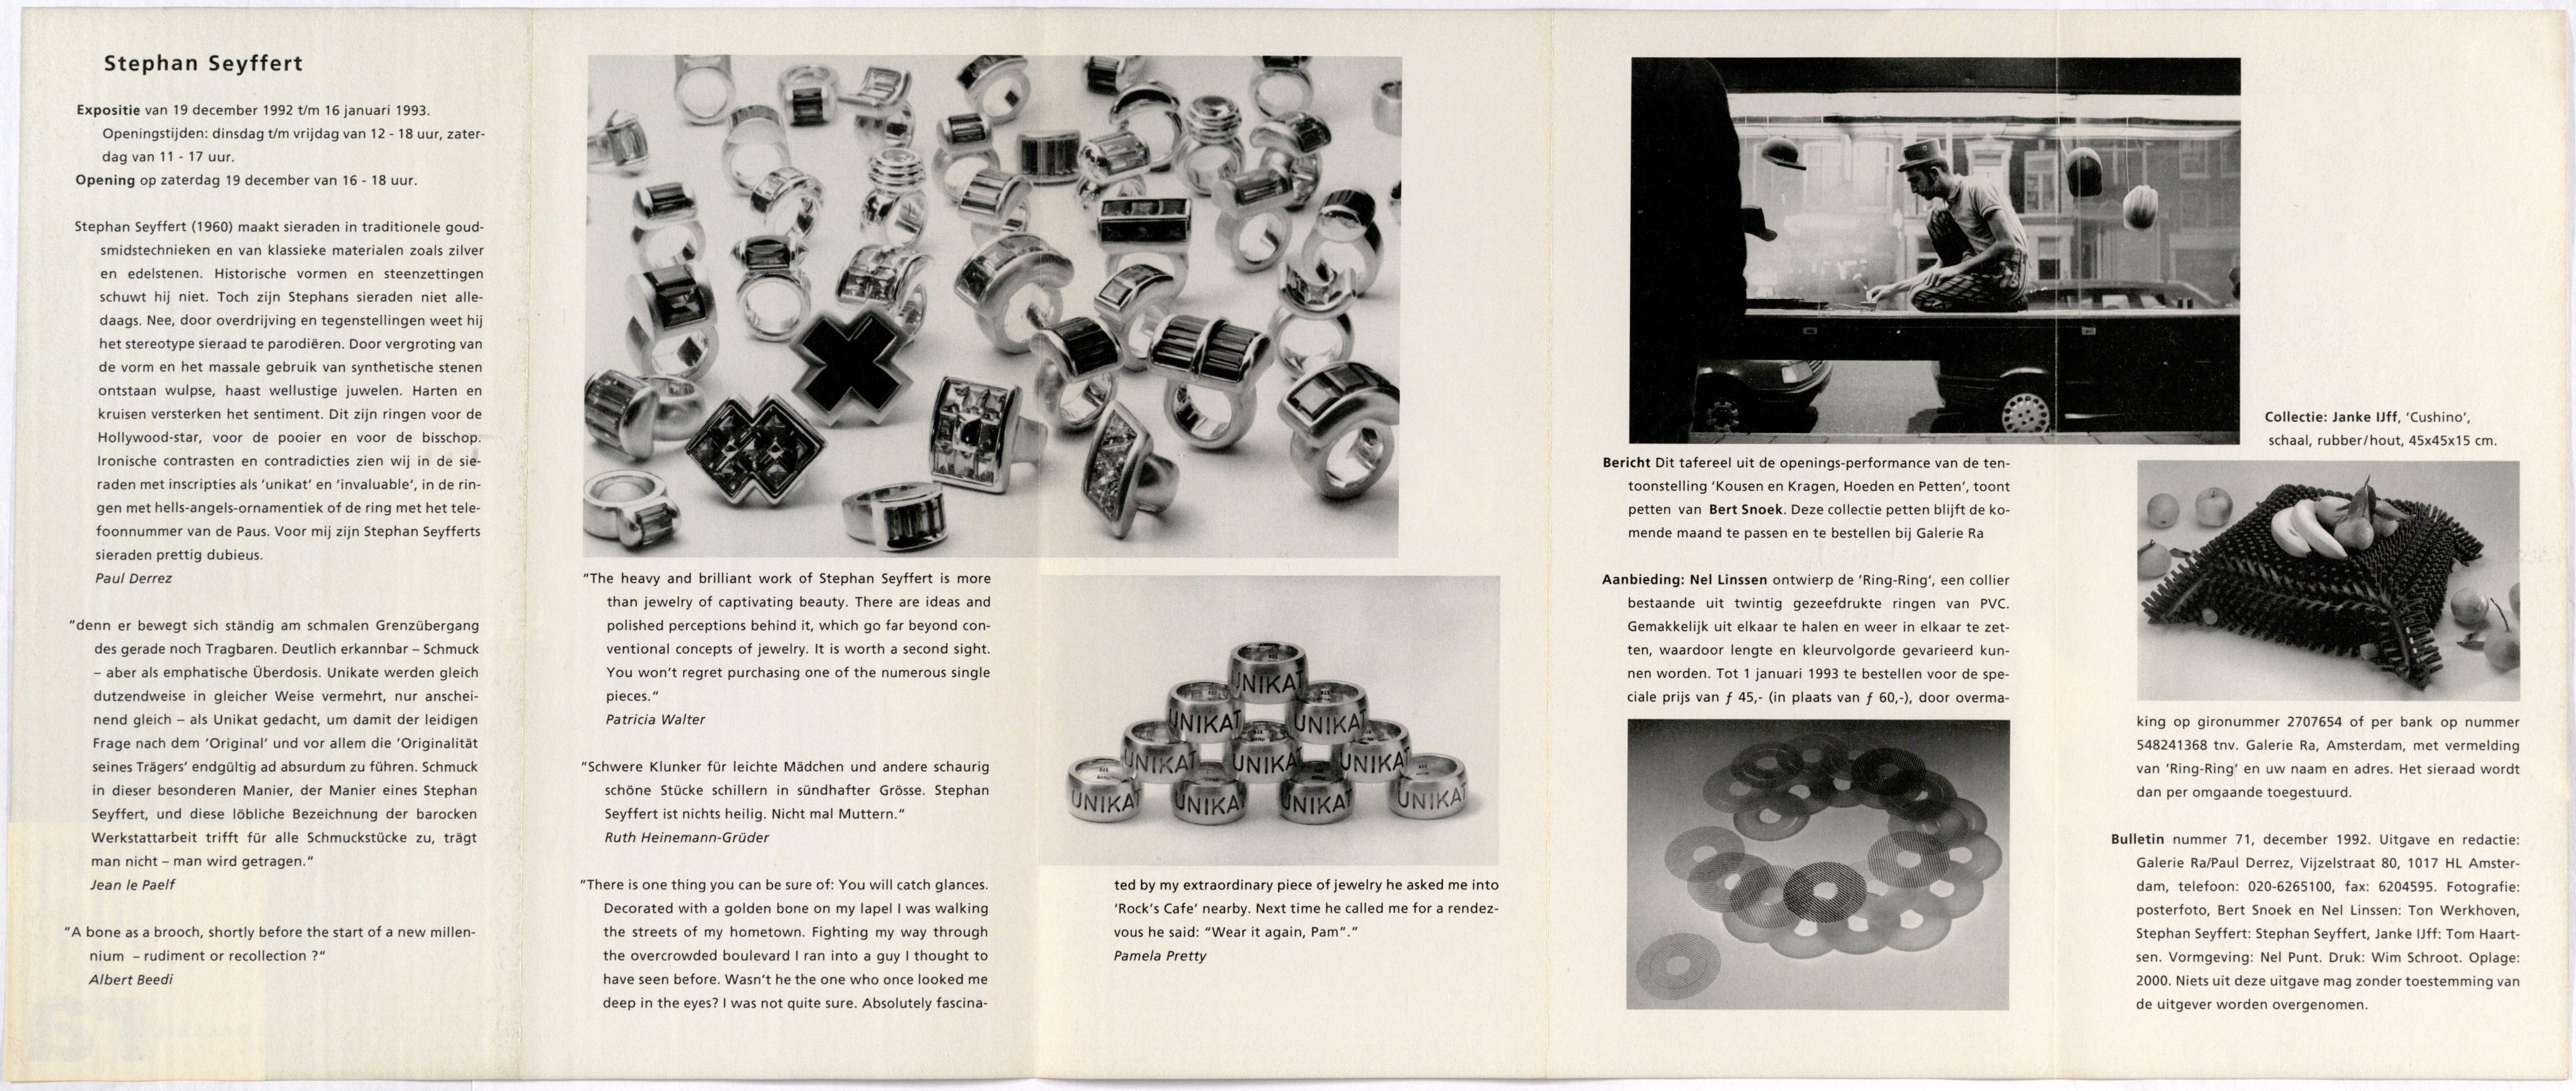 Ra Bulletin 71, december 1992, achterzijde met tekst en foto's van Tom Haartsen en Stephan Seyffert, drukwerk, papier, Stephan Seyffert, ringen, halssieraad, Nel Linssen, pvc, Janke IJff, stenen, zilver